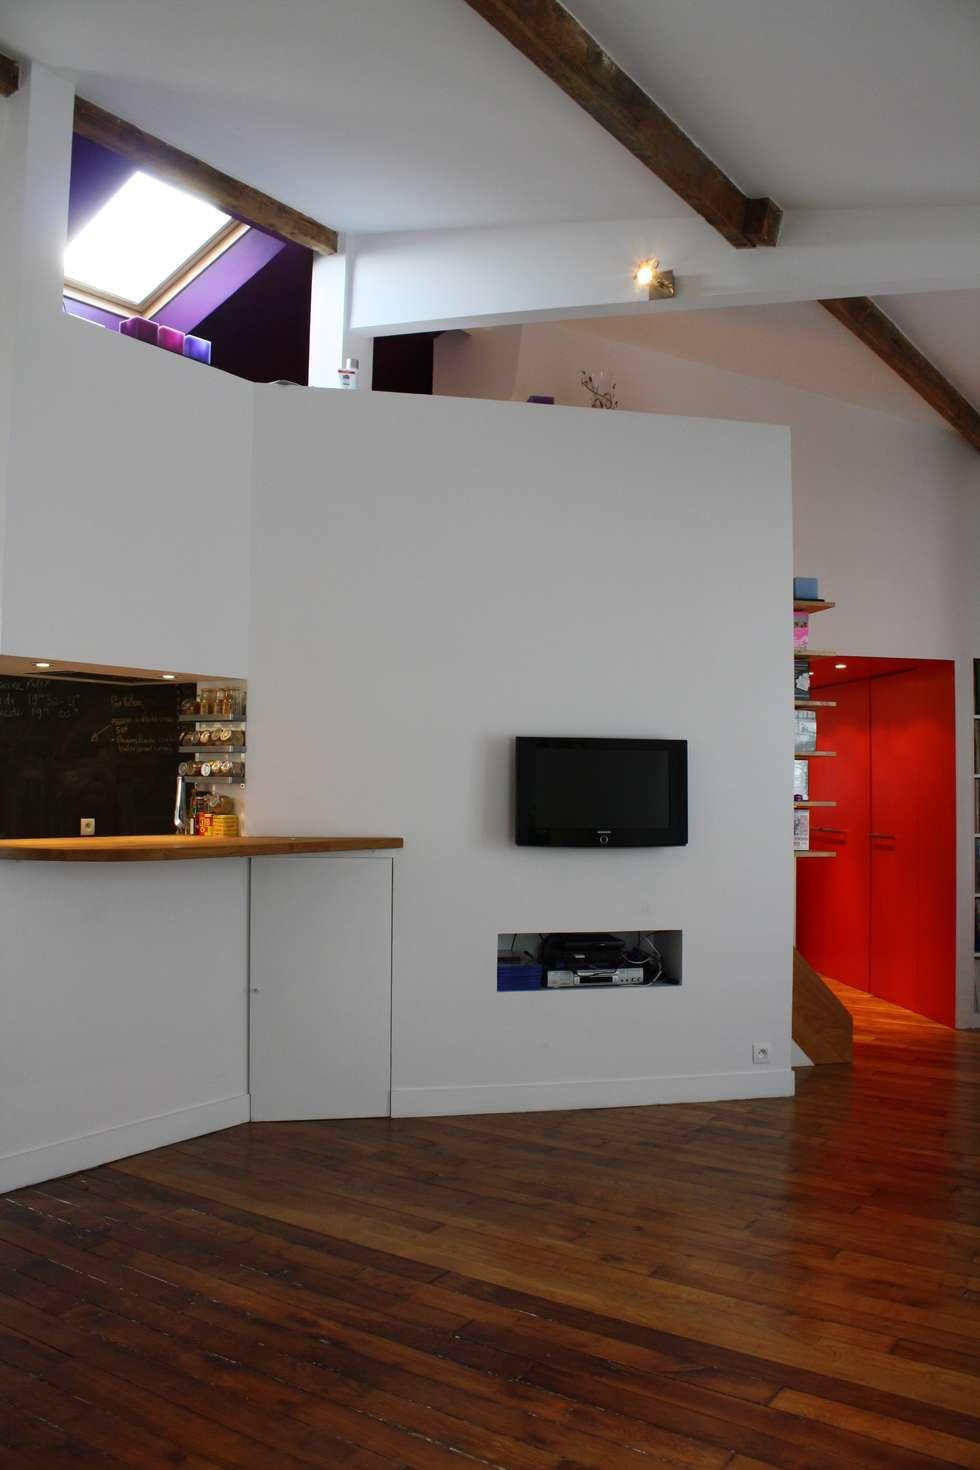 Vue sejour cuisine: Salon de style de style Moderne par Arielle Apelbaum Sela